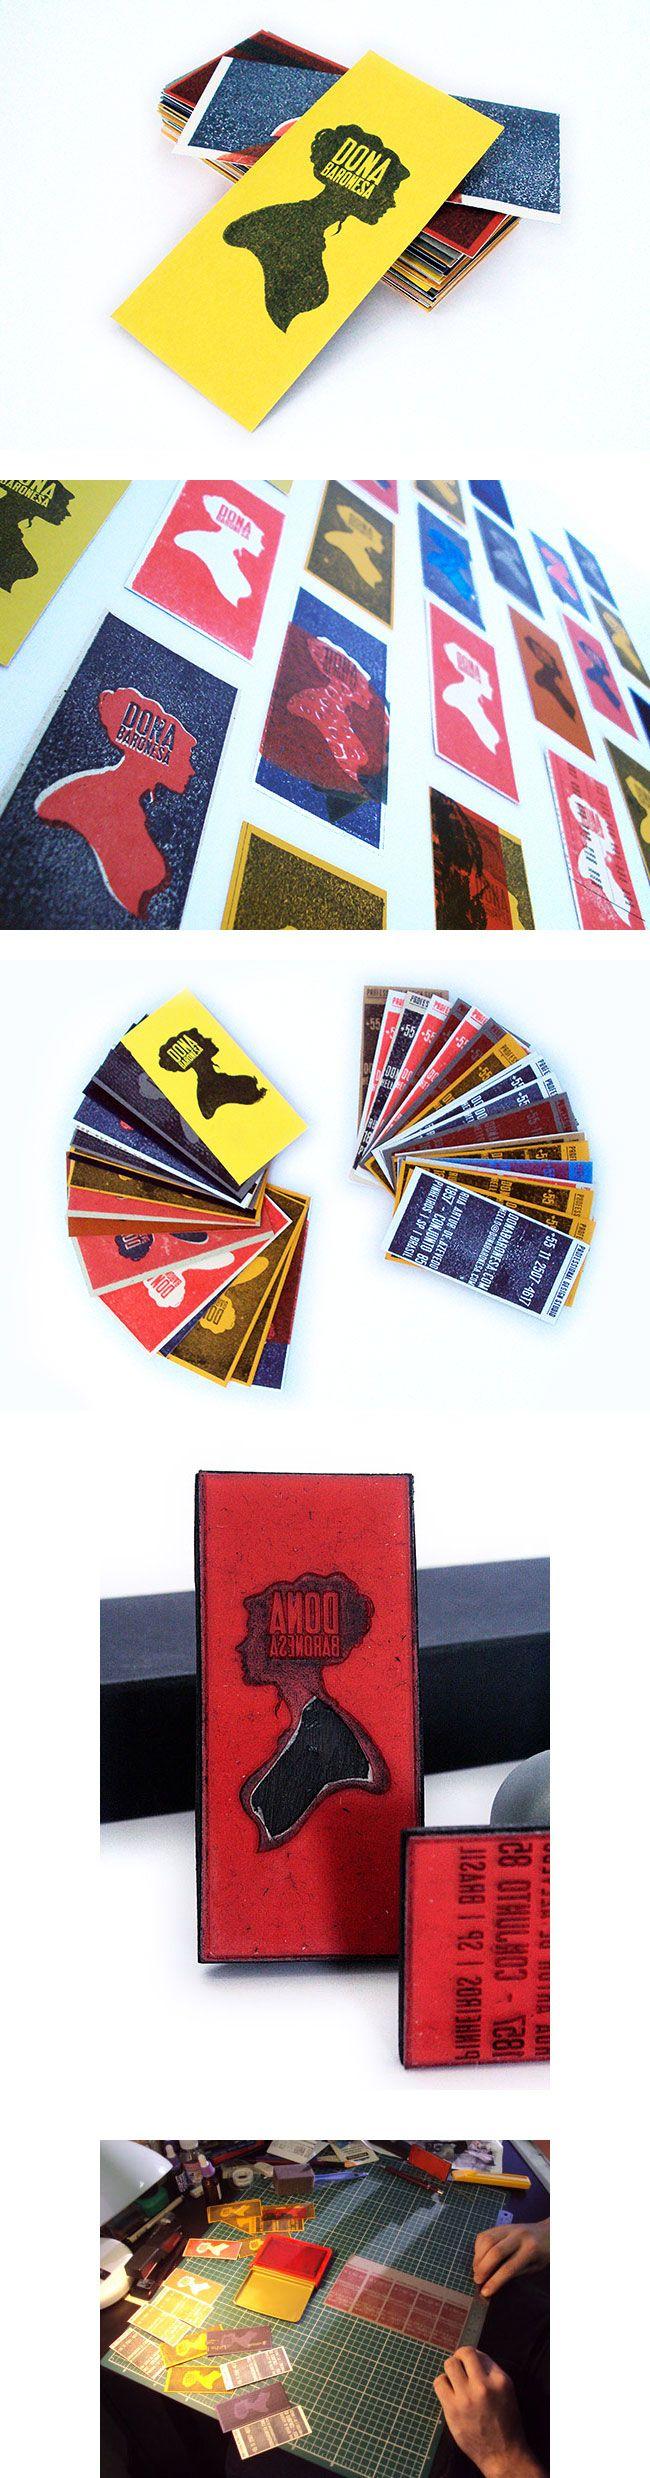 Inspiração: cartões de visita - Choco la Design | Choco la Design | Design é como chocolate, deixa tudo mais gostoso.